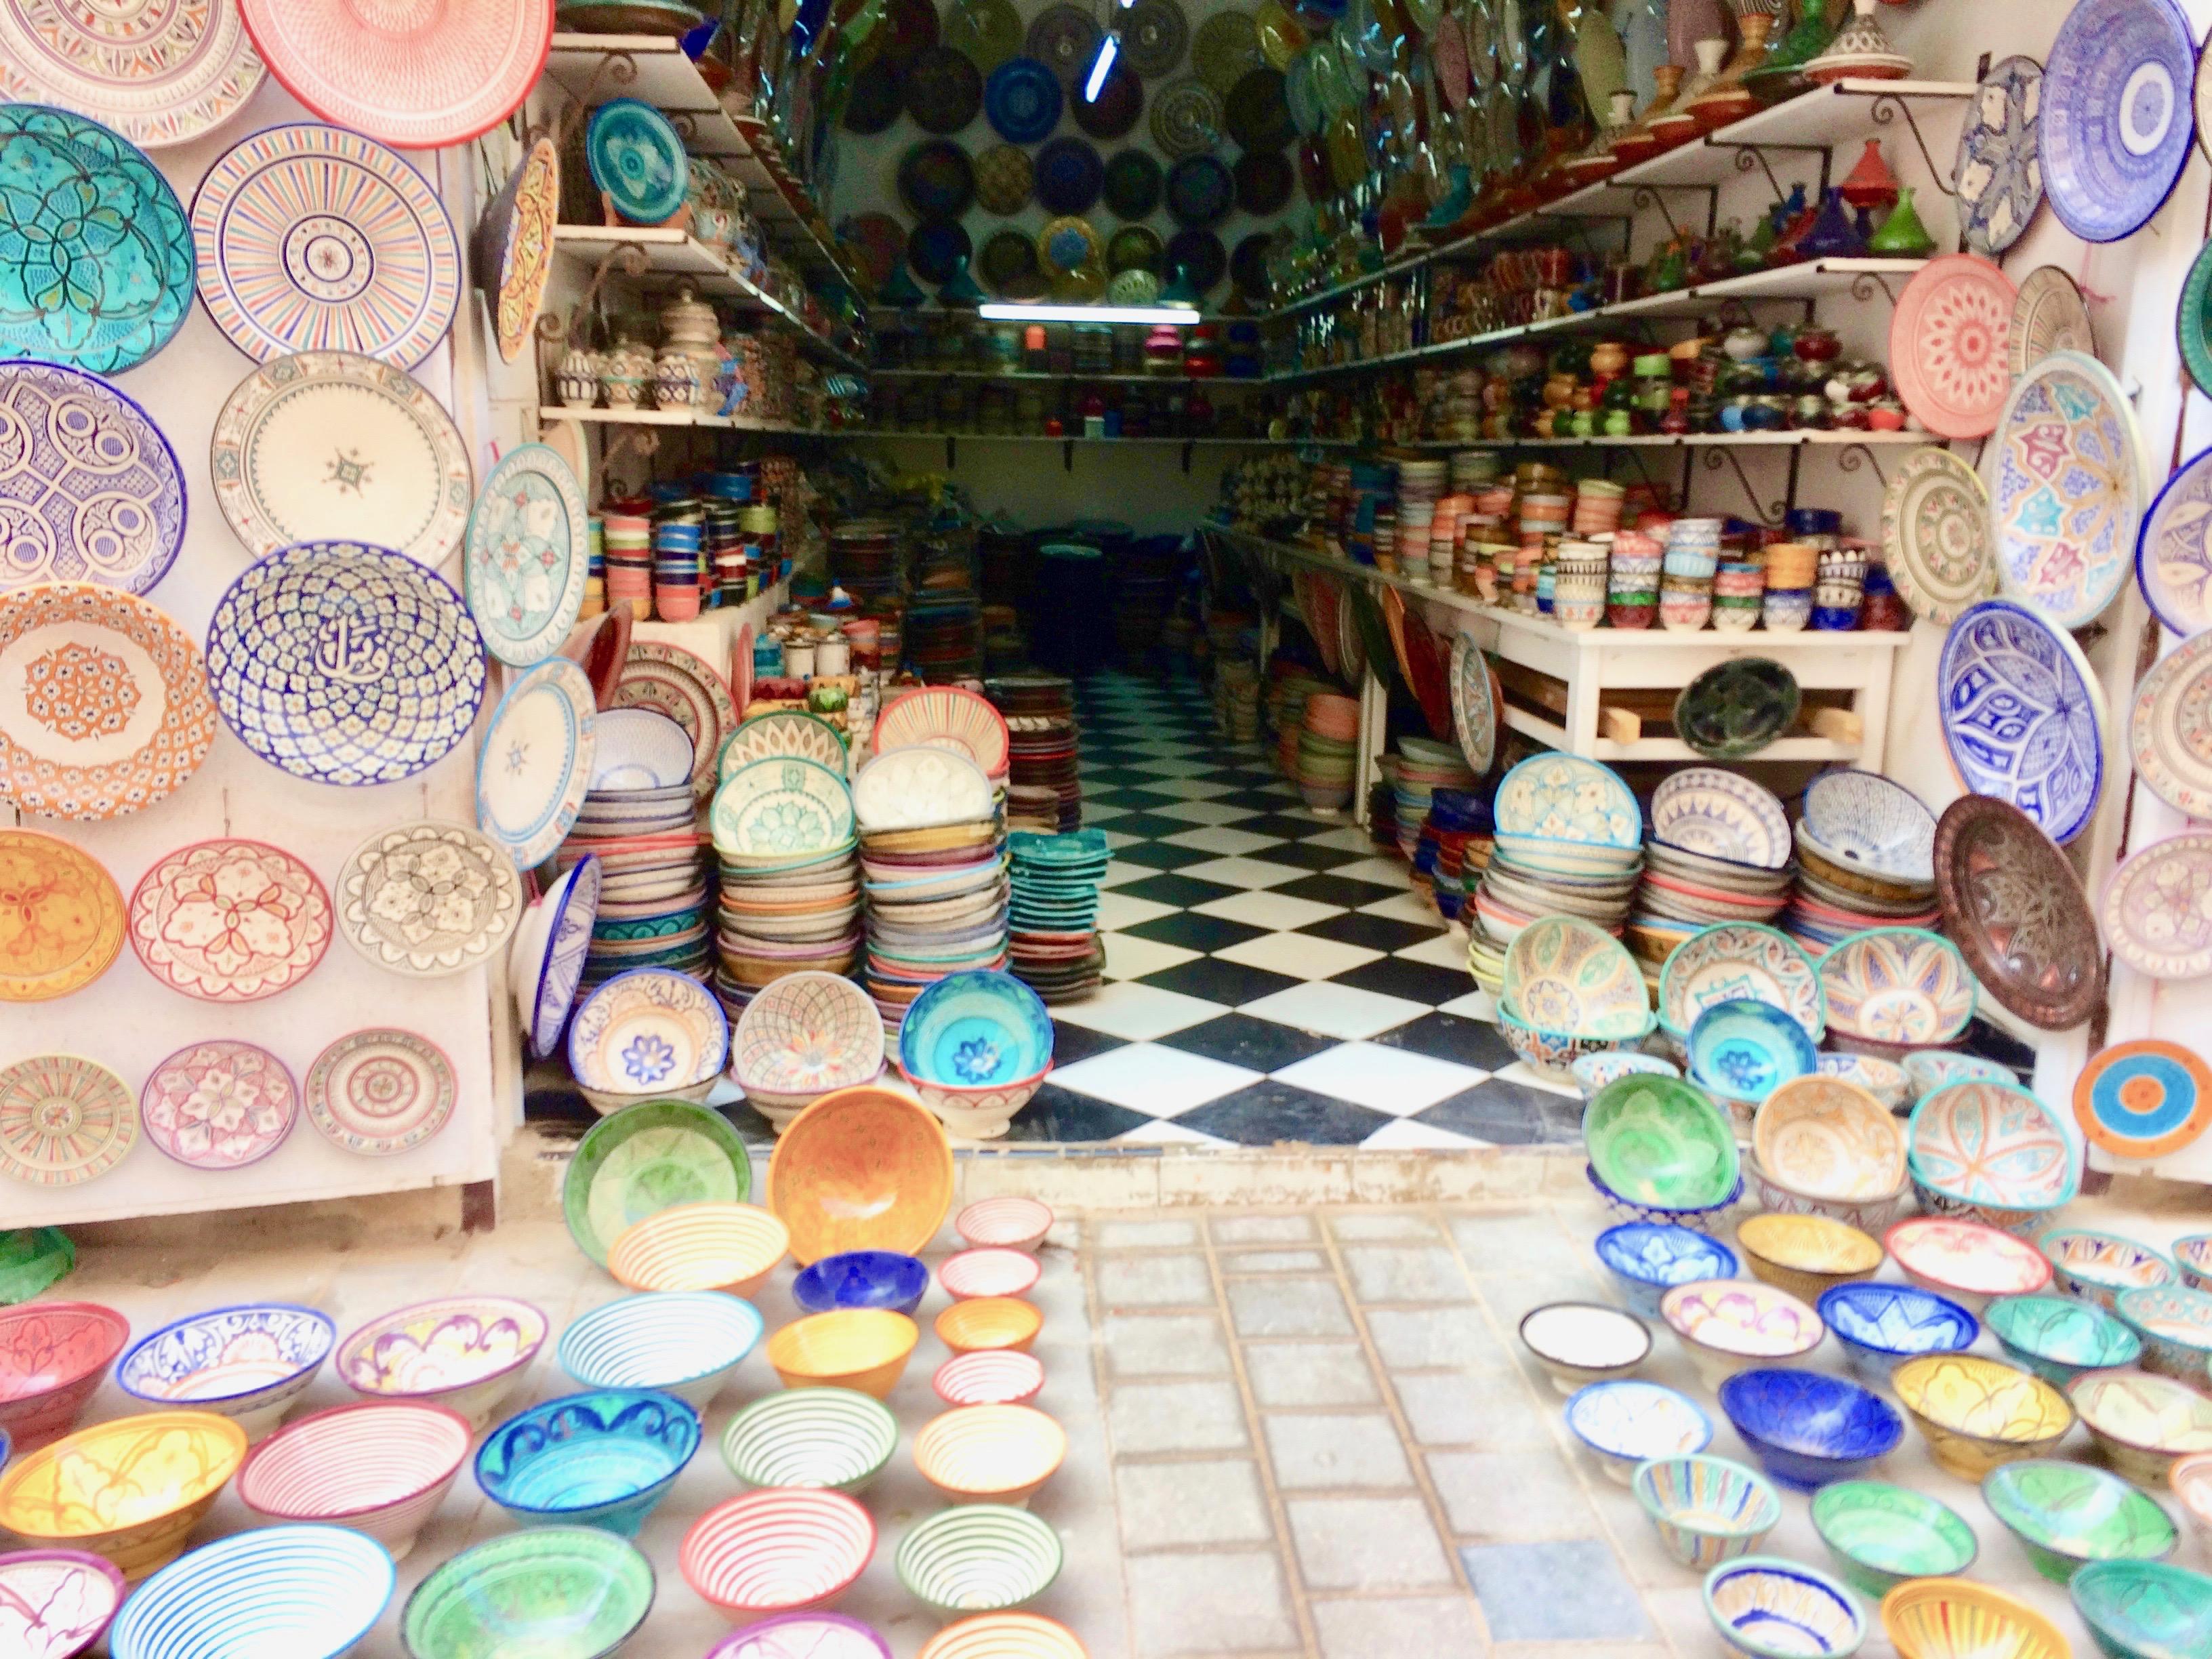 Pottery souk in Essaouira